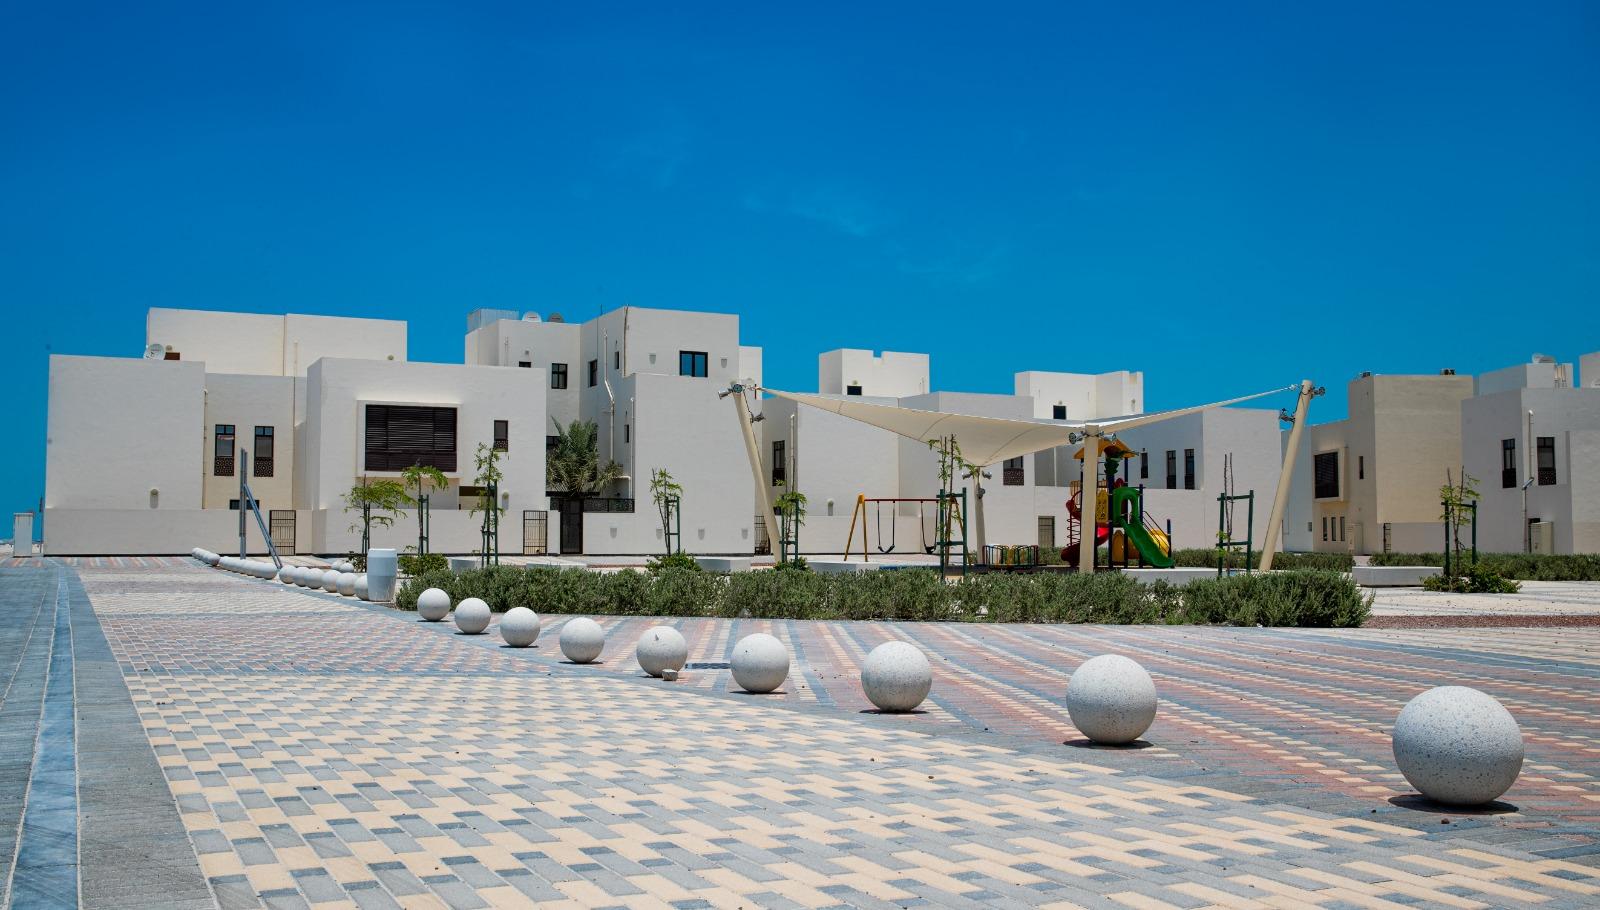 مدن البحرين الإسكانية ساهمت في تعزيز النسيج الإجتماعي بالمملكة